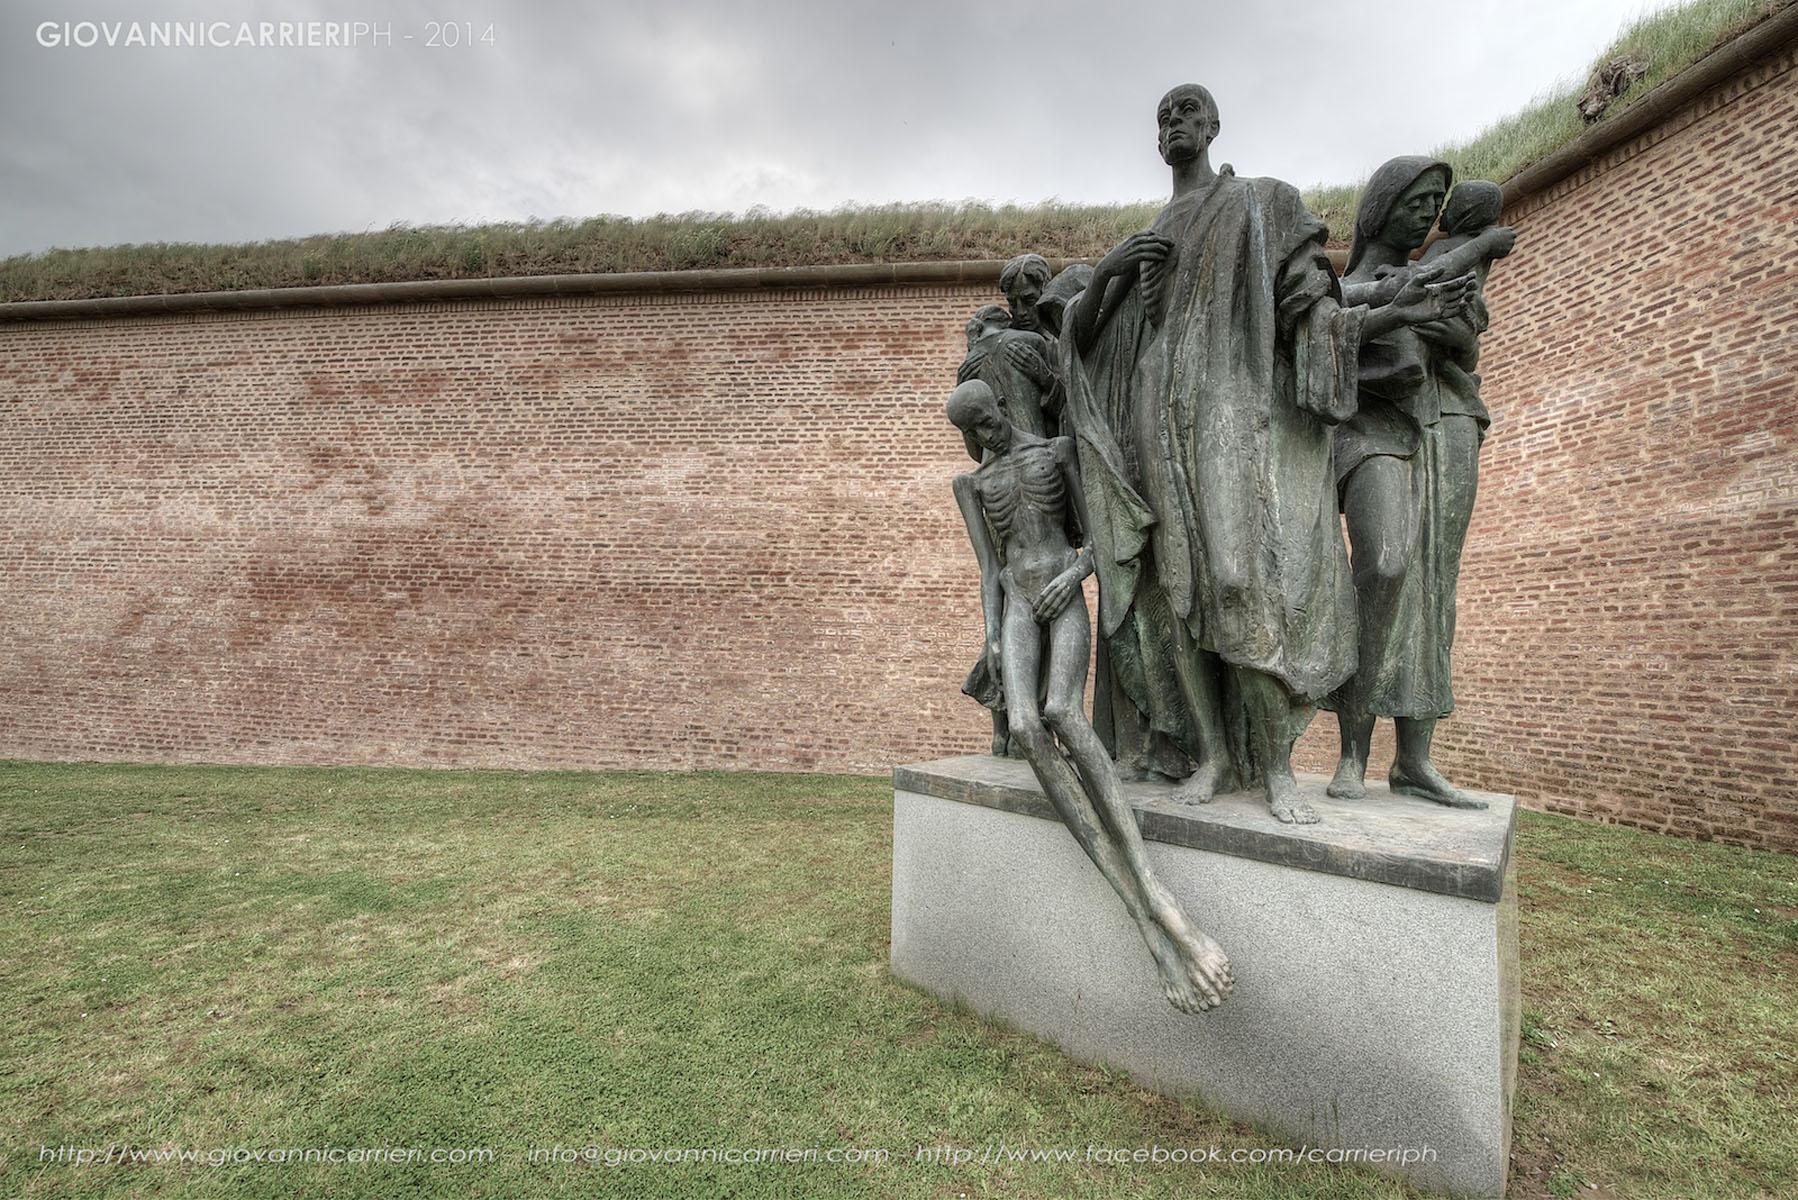 Il monumento a memoria dei caduti nella fortezza di Theresienstadt